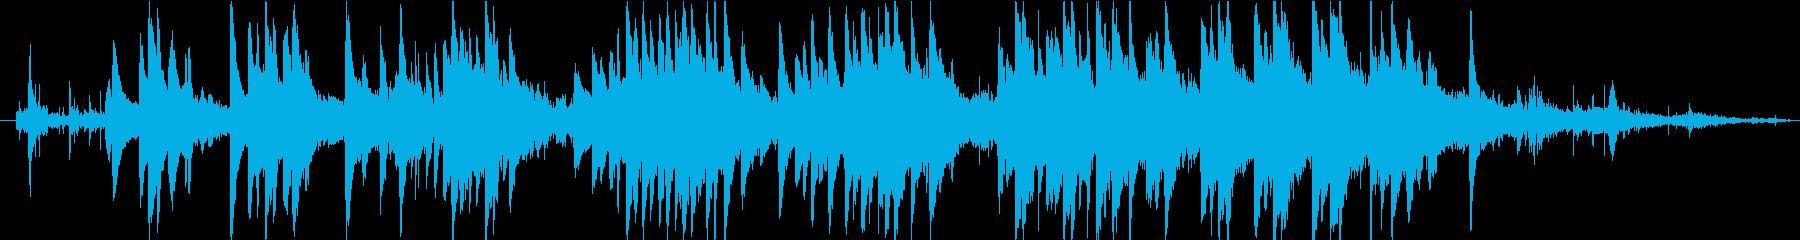 Blue shiftの再生済みの波形